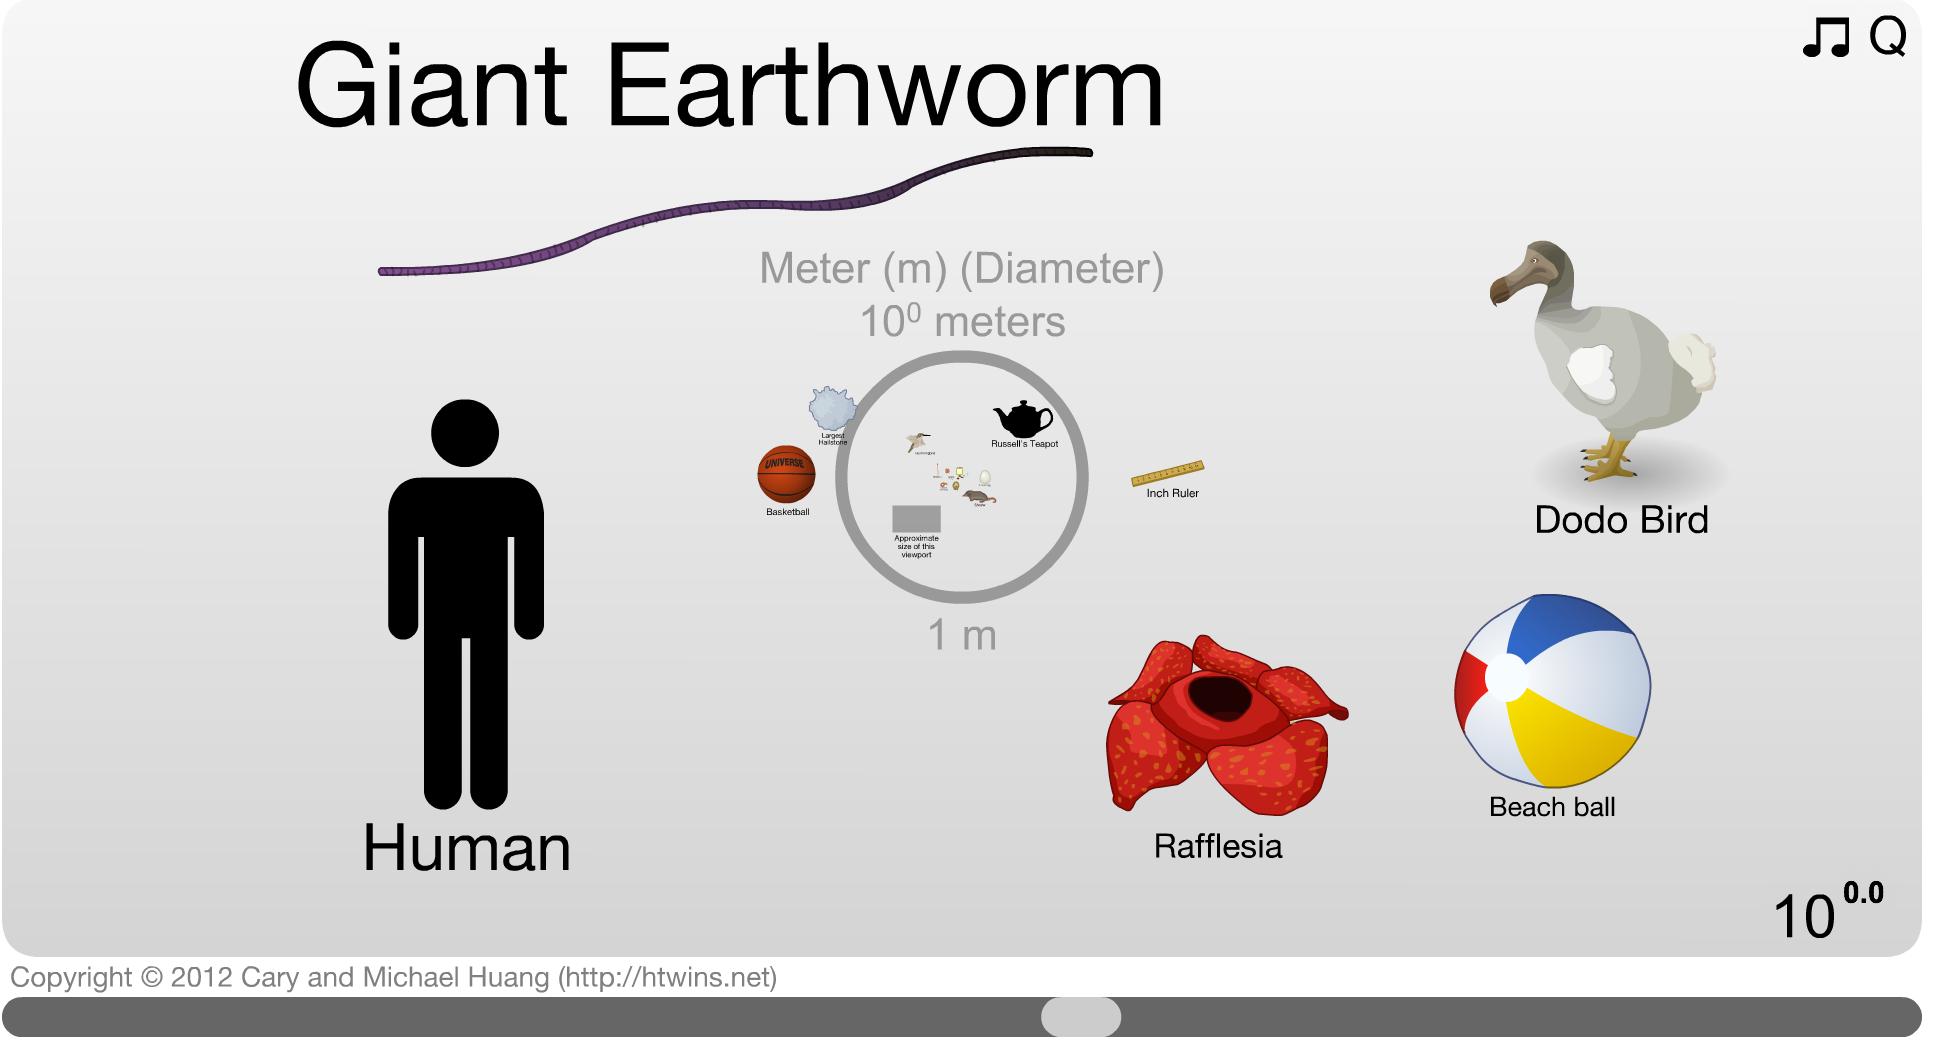 Quanto siamo grandi nell'universo?